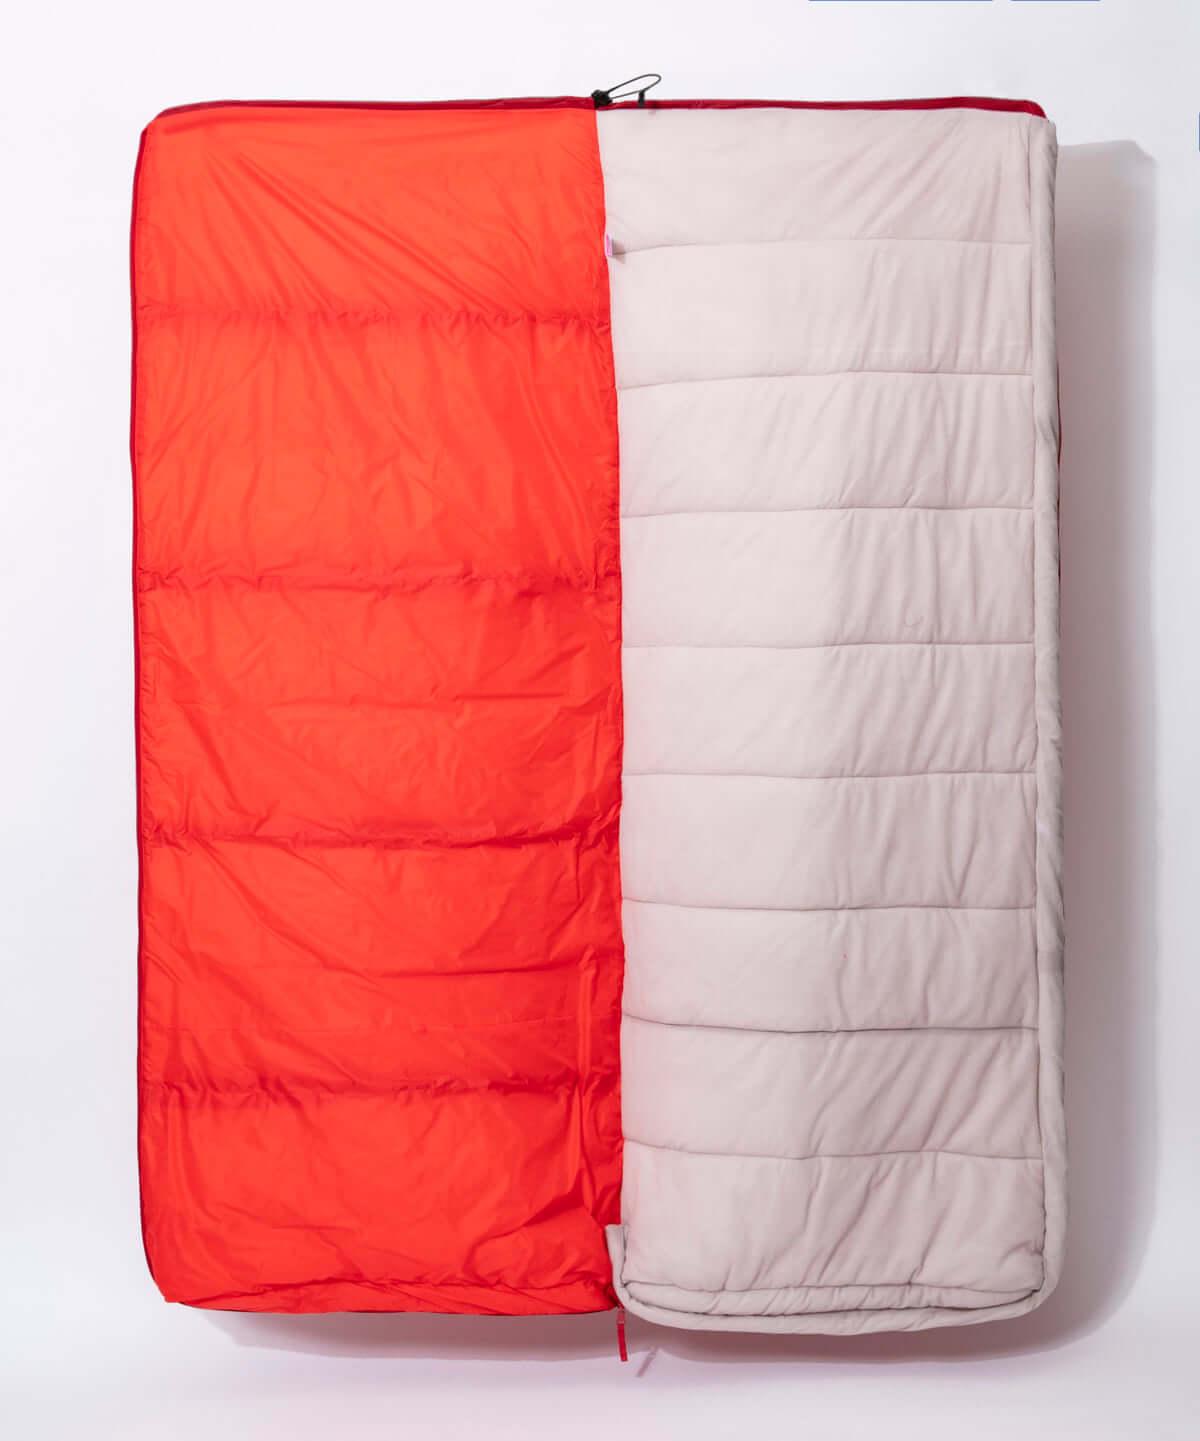 「CHUMS」待望の寝袋シリーズが発売|ブービーバードに変身できる寝袋が登場 life190318_chums_9-1200x1441